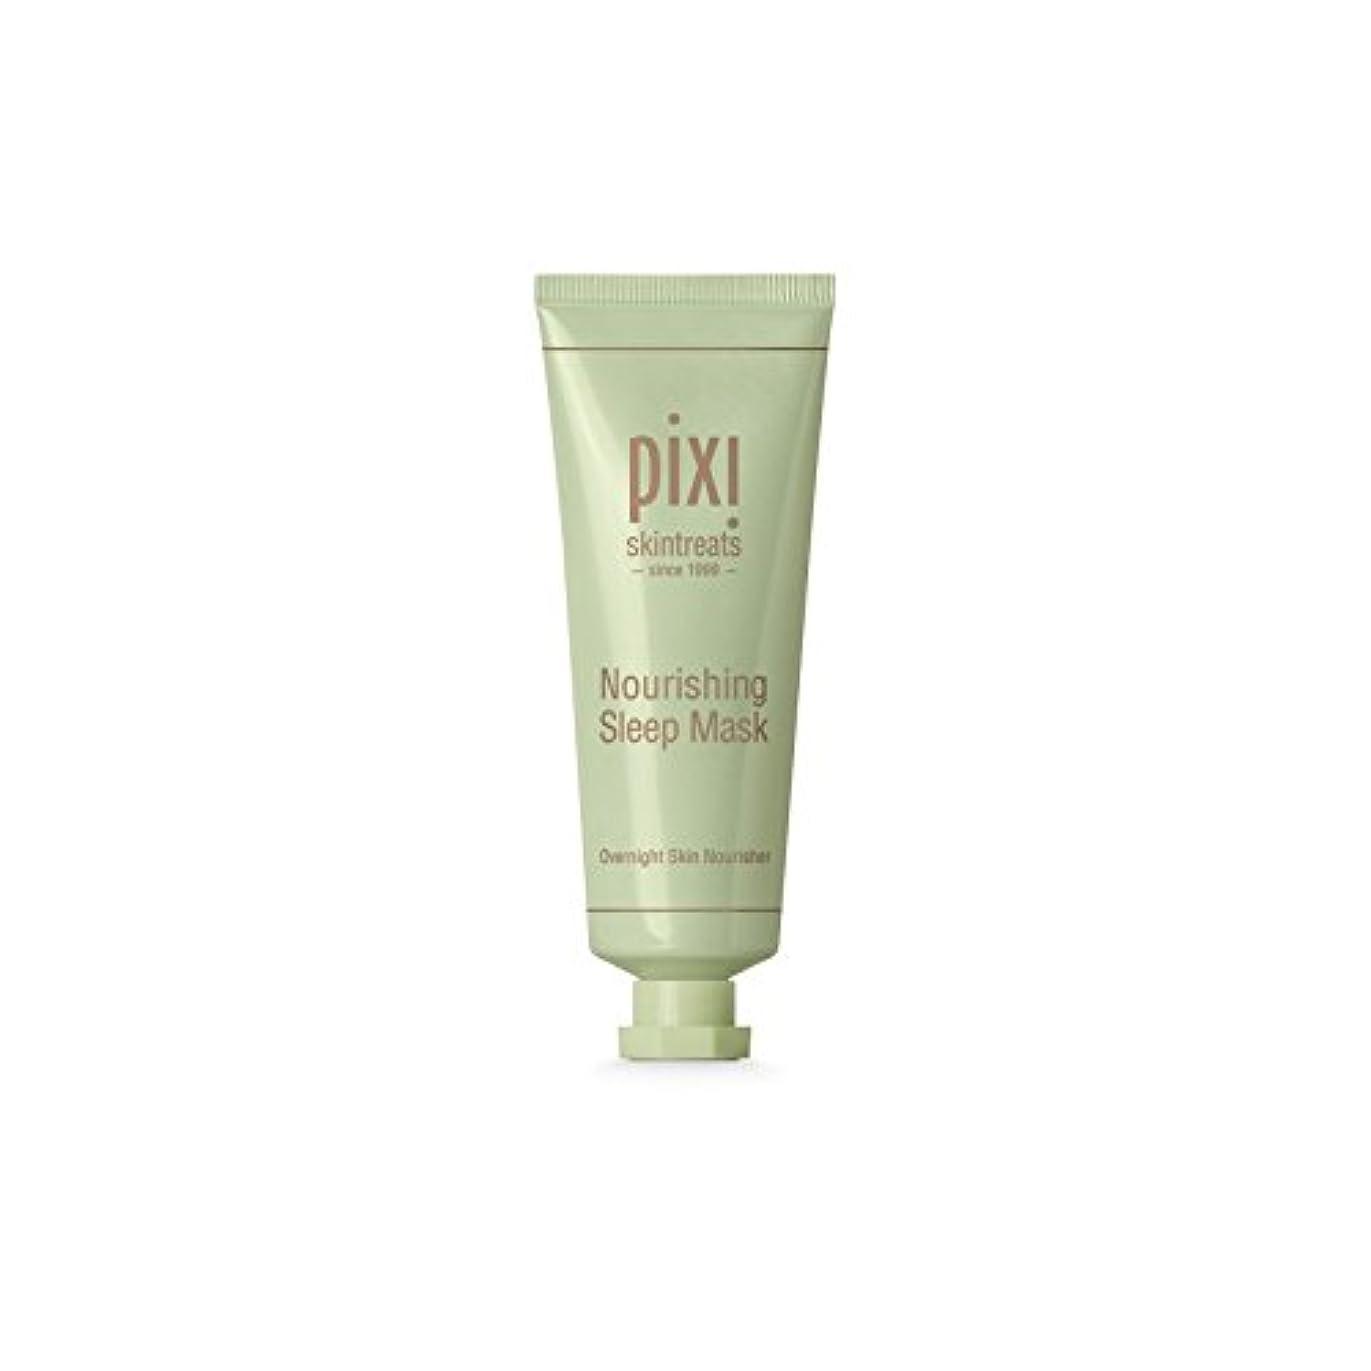 活性化する添加熱望する栄養スリープマスク x2 - Pixi Nourishing Sleep Mask (Pack of 2) [並行輸入品]